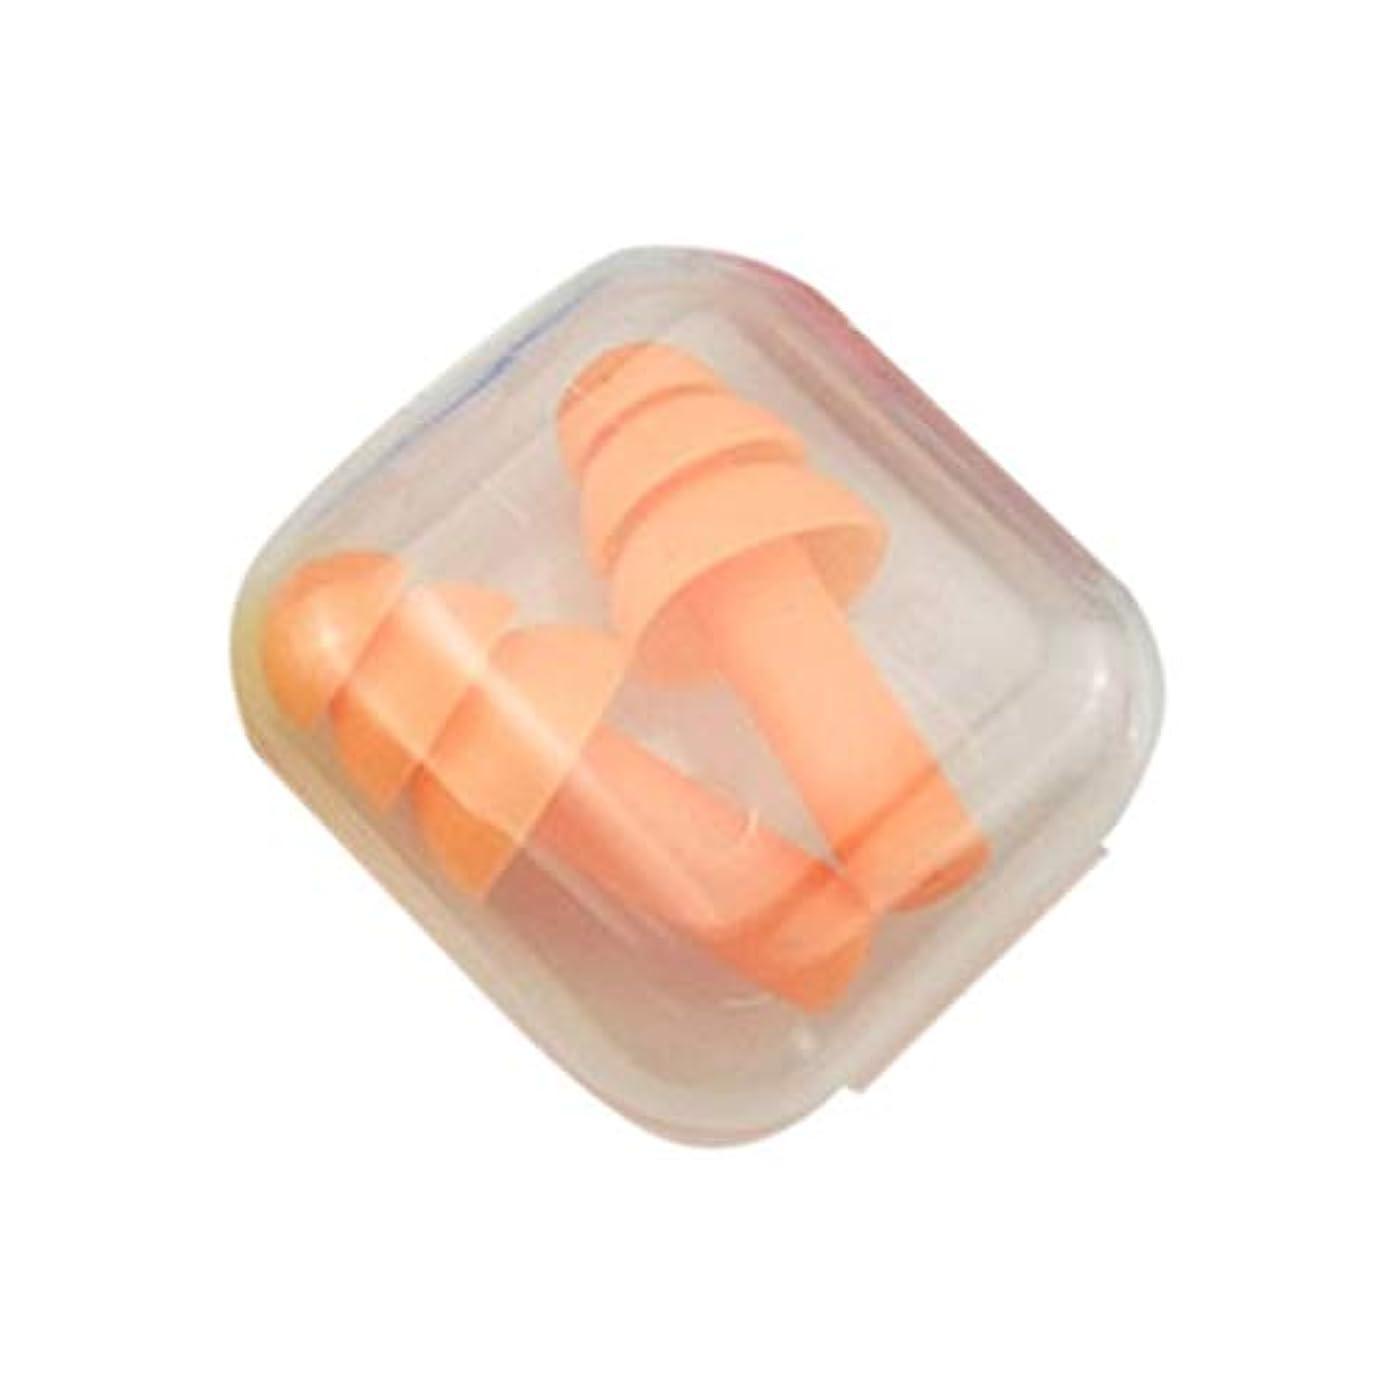 縫い目上下するチーター柔らかいシリコーンの耳栓遮音用耳の保護用の耳栓防音睡眠ボックス付き収納ボックス - オレンジ